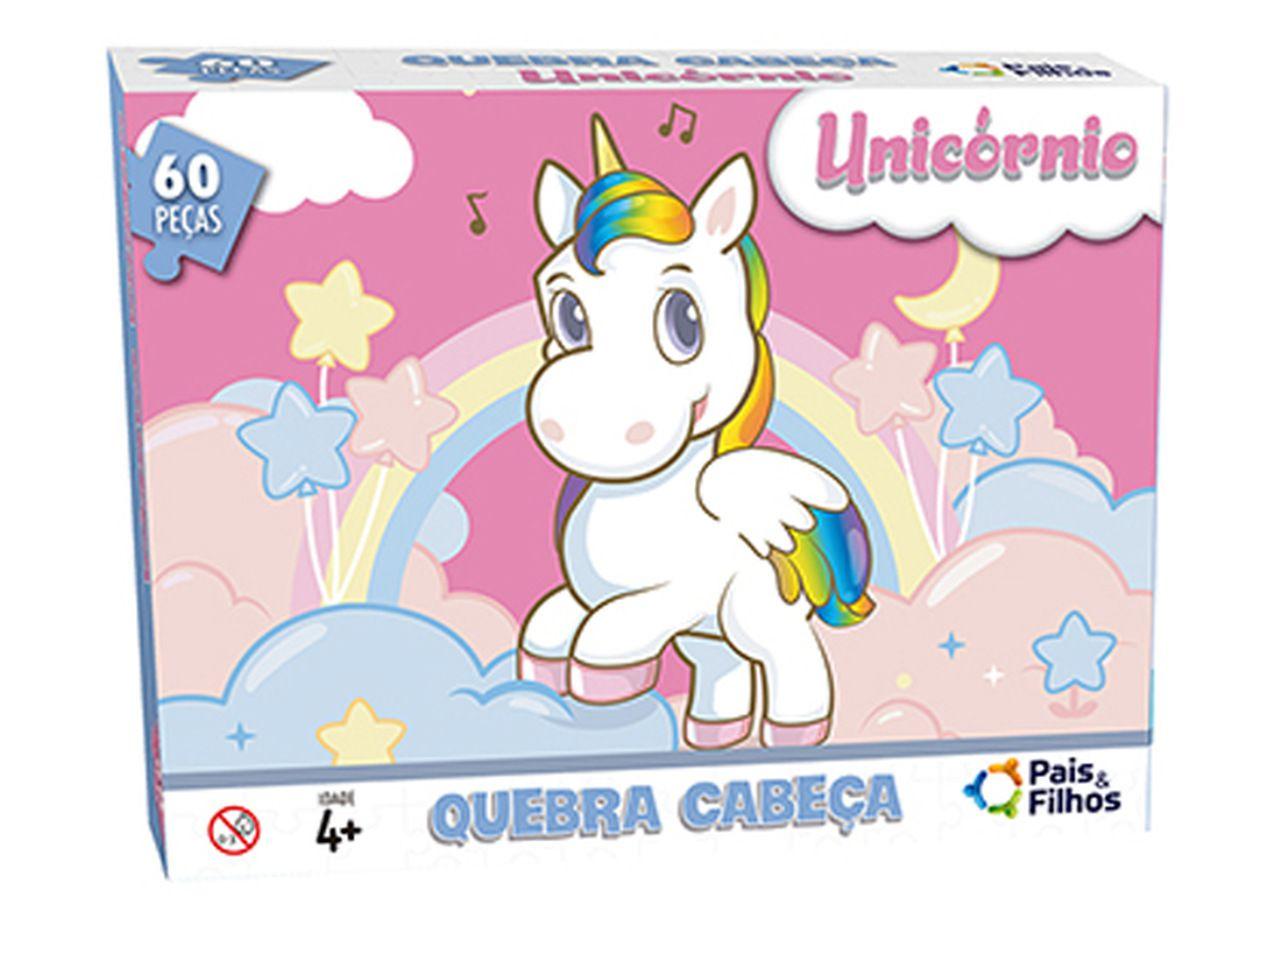 Quebra Cabeça Unicornio 60 Peças - Pais e Filhos